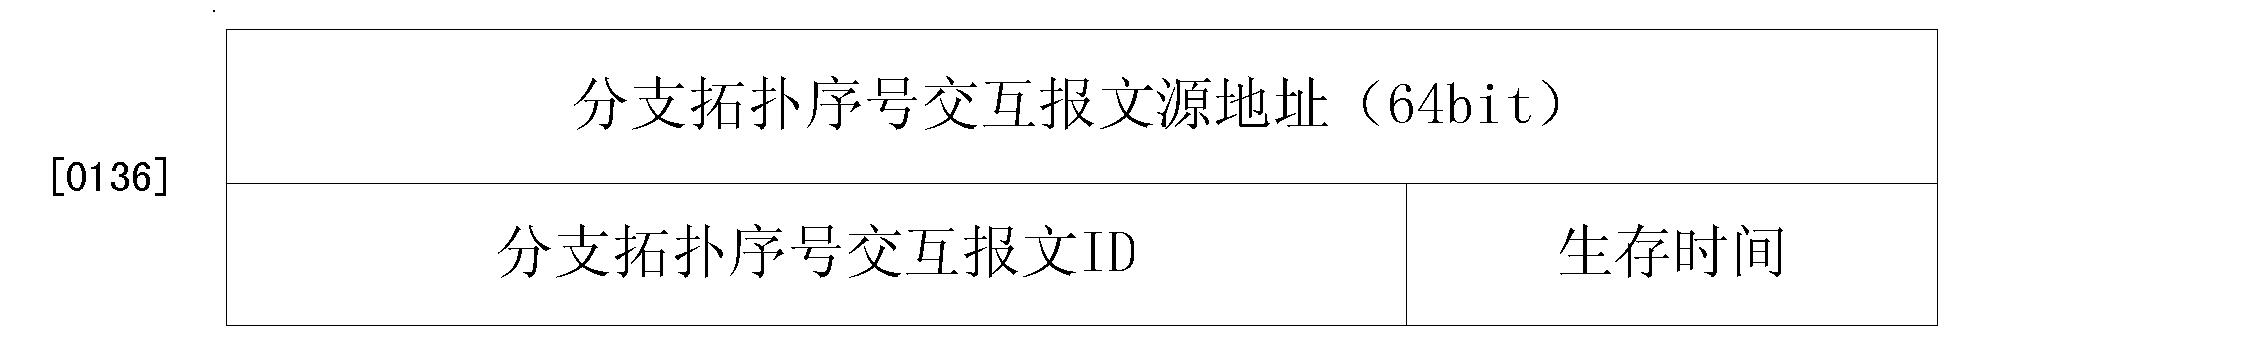 Figure CN102185749BD00151